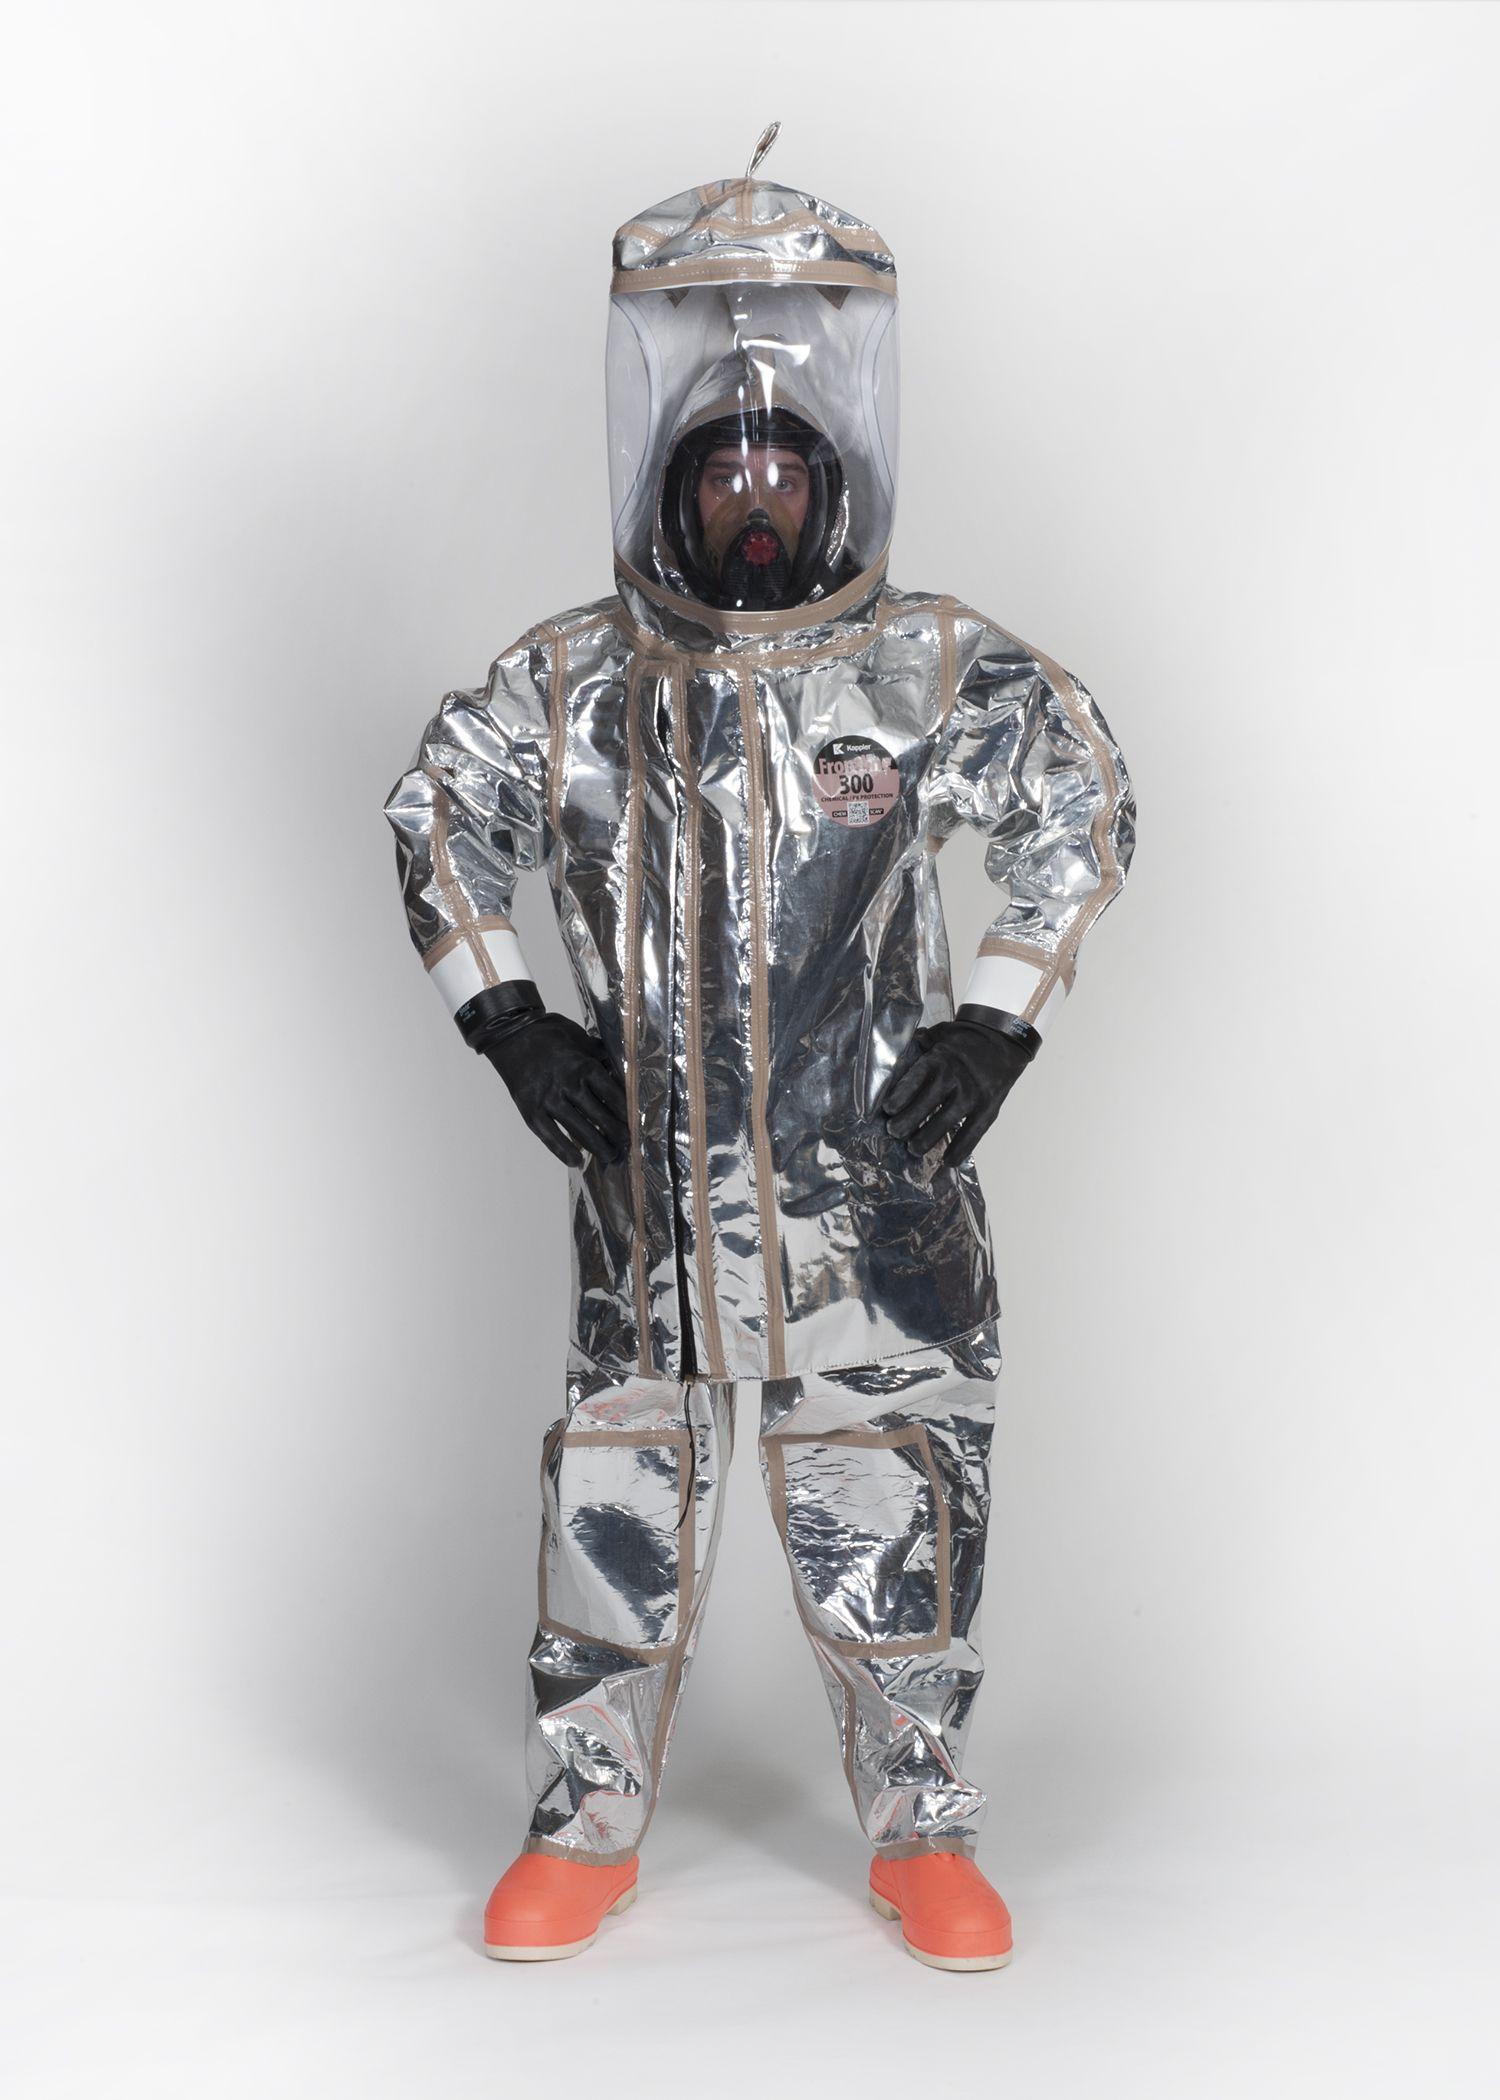 Pin by Scott McArthur on Protective Suits Hazmat suit